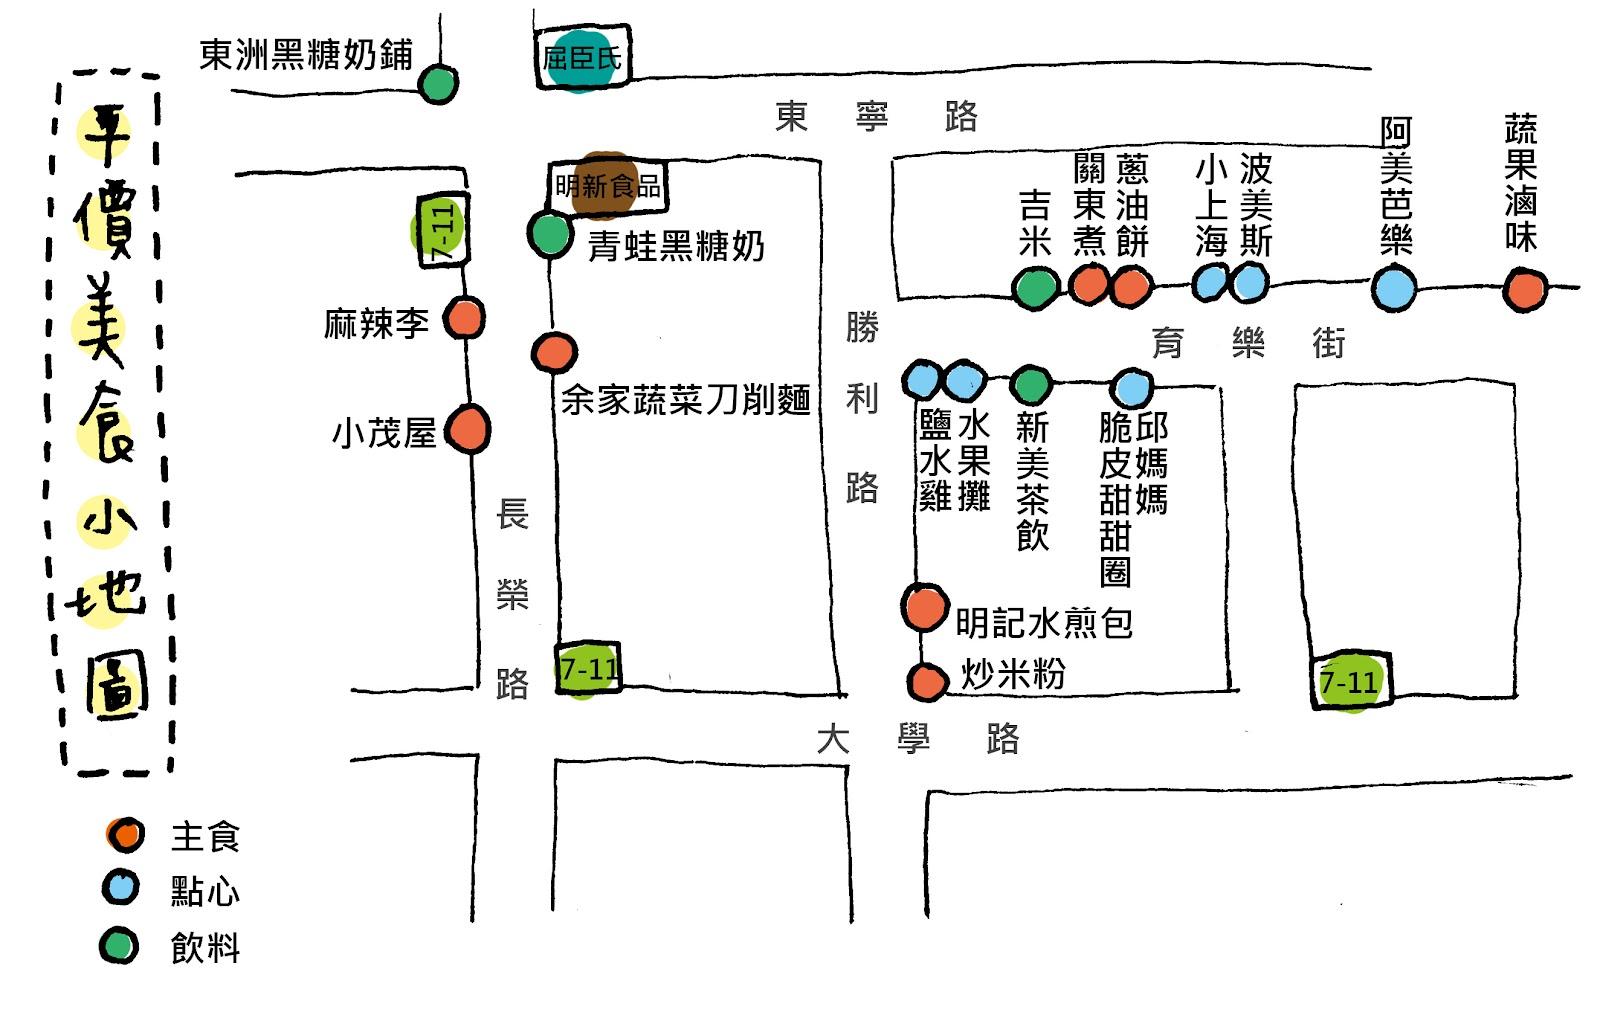 [ 編輯小姐 Yuli 的繪圖日記 ]: 魯比兔帶你吃成大附近平價美食